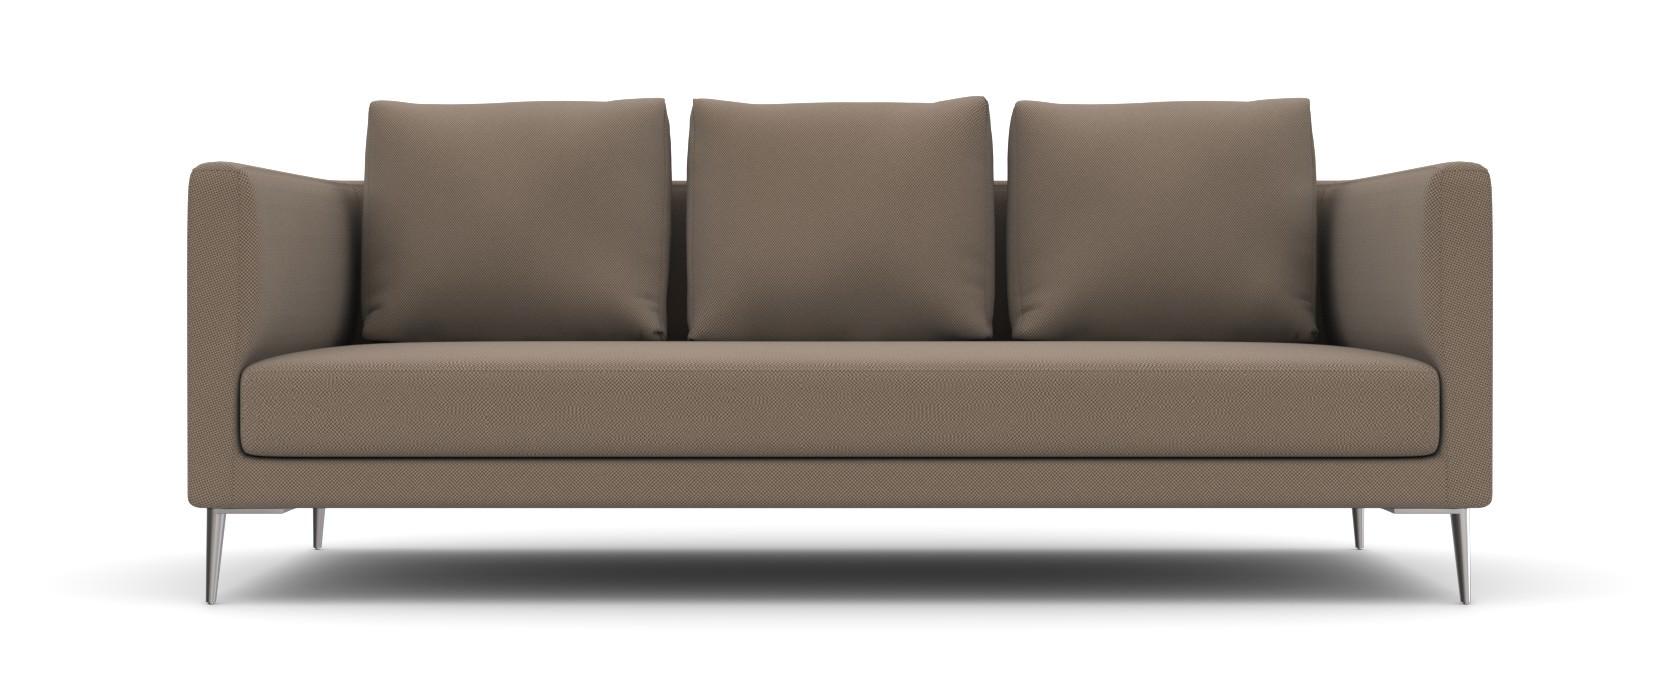 Трехместный диван Augusto - Фото 1 - Pufetto